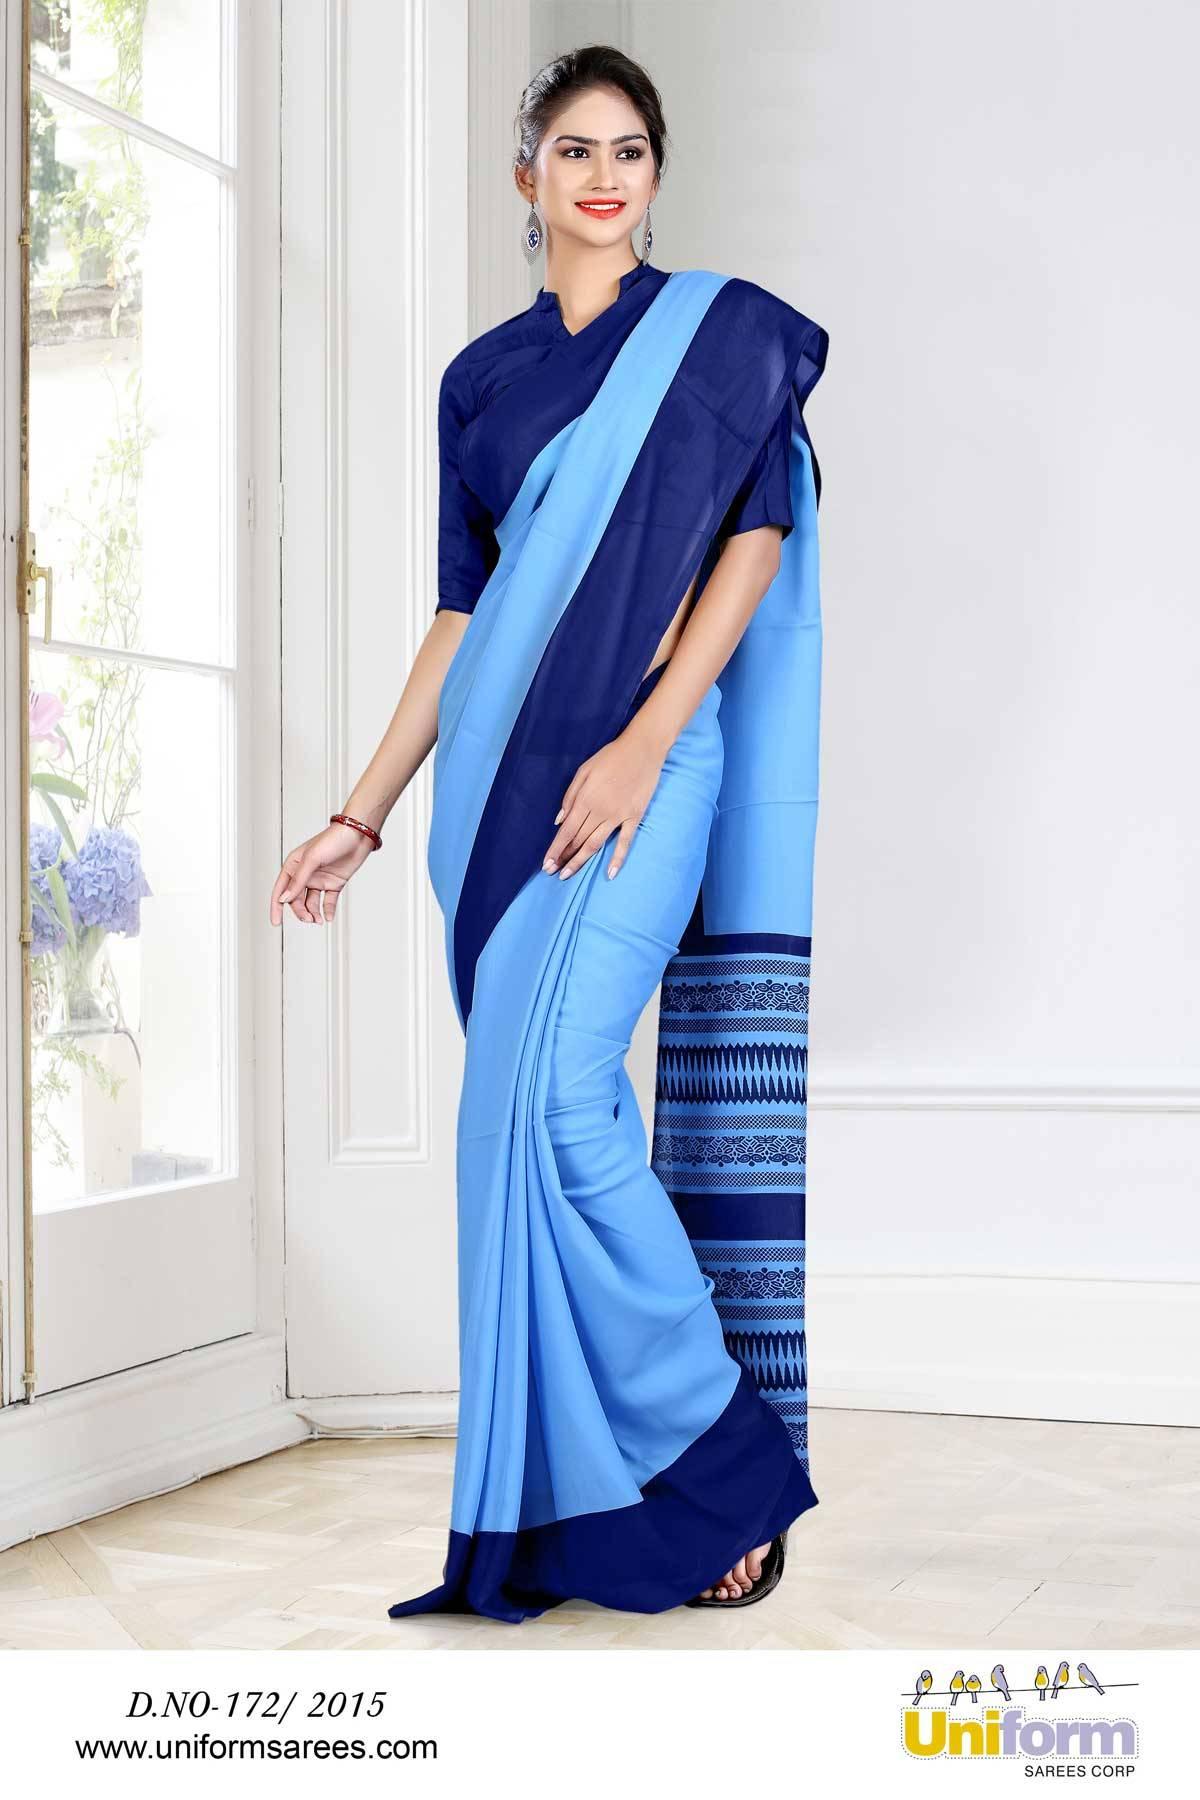 Uniform Saree For Hospital Nurse   Uniform Design No 172/2015